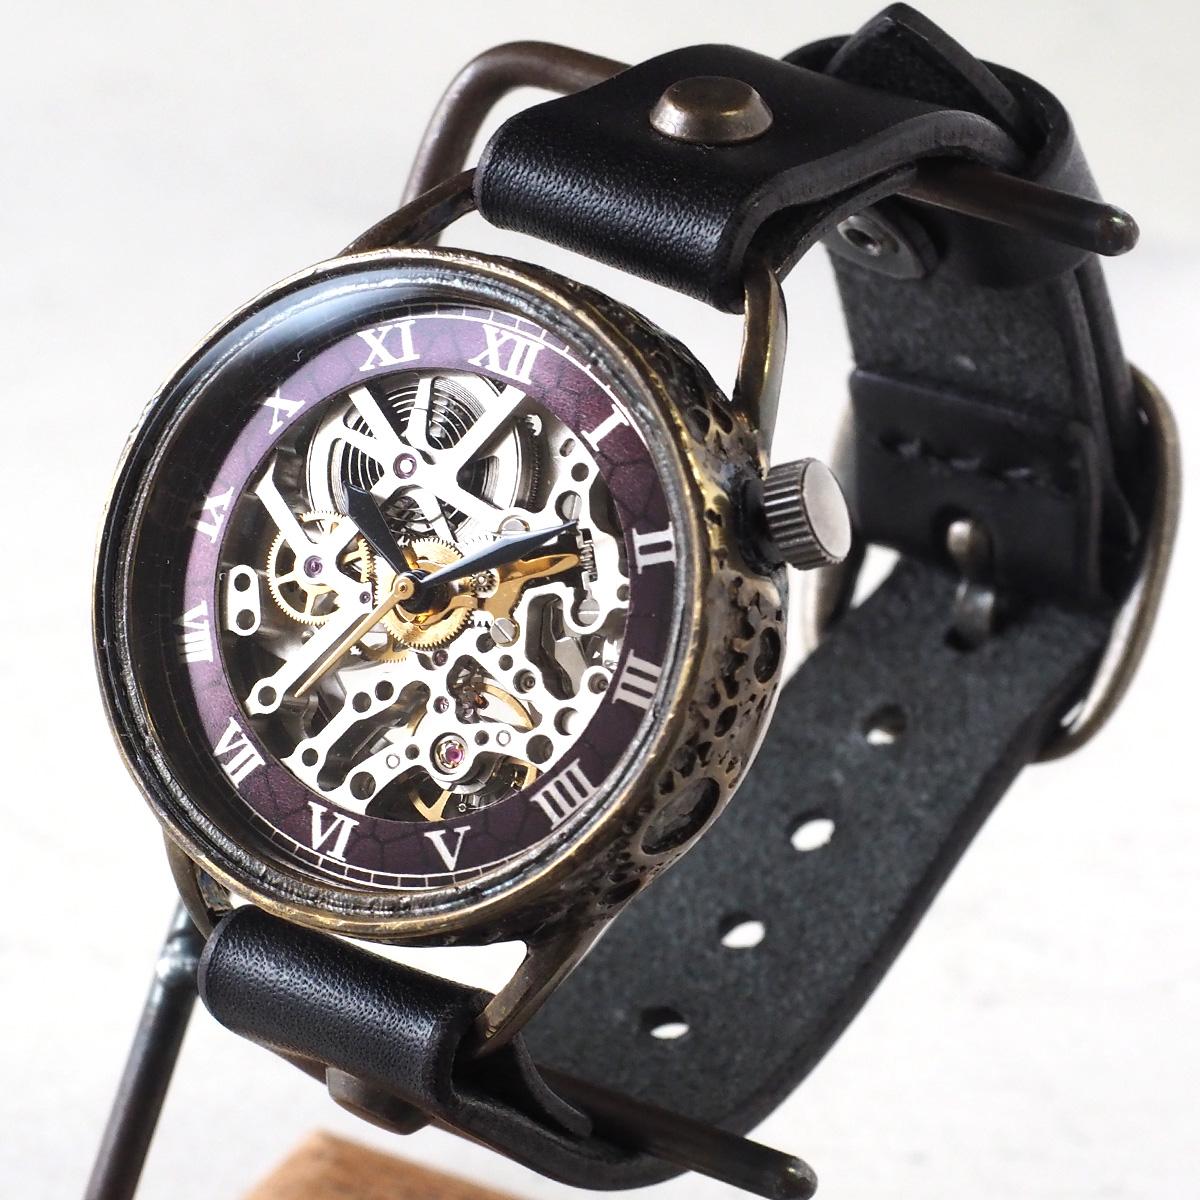 KINO(キノ) 手作り腕時計 自動巻き 裏スケルトン メカニックシルバー ブラック [K-15-MSV-BK]